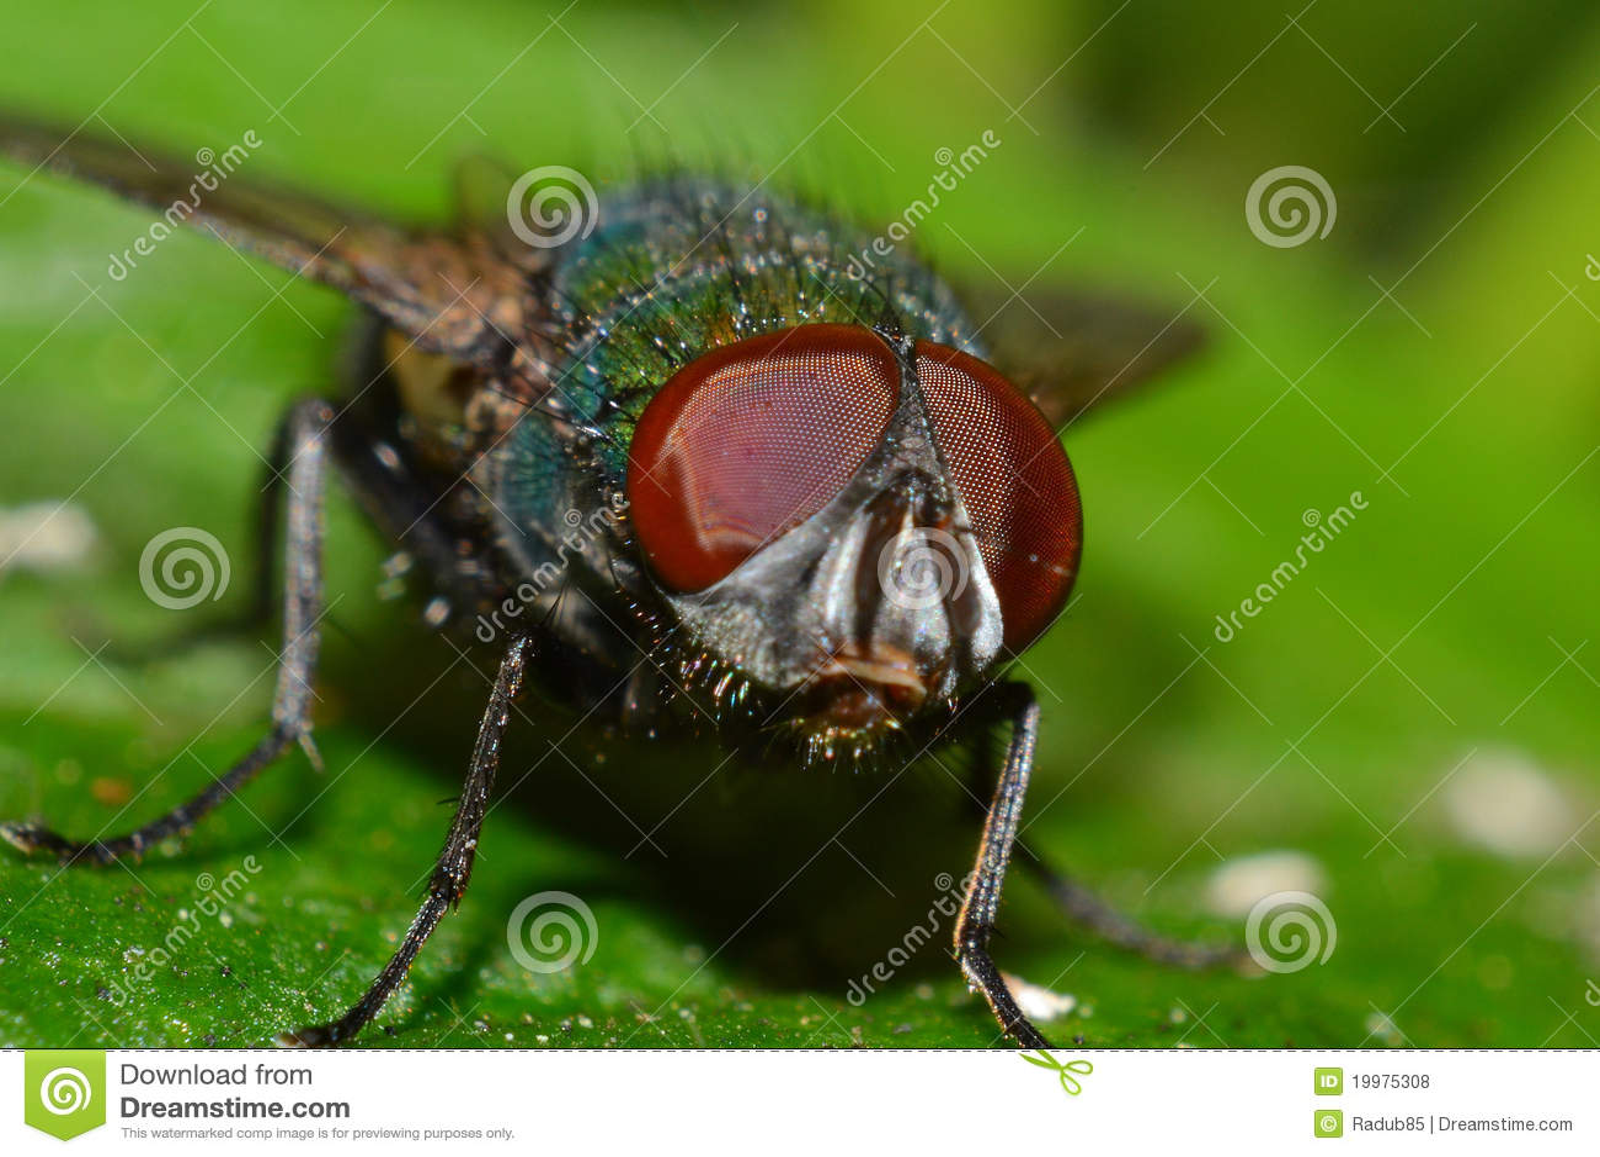 Colpo a macroistruzione della mosca con gli occhi rossi - Mosche verdi ...